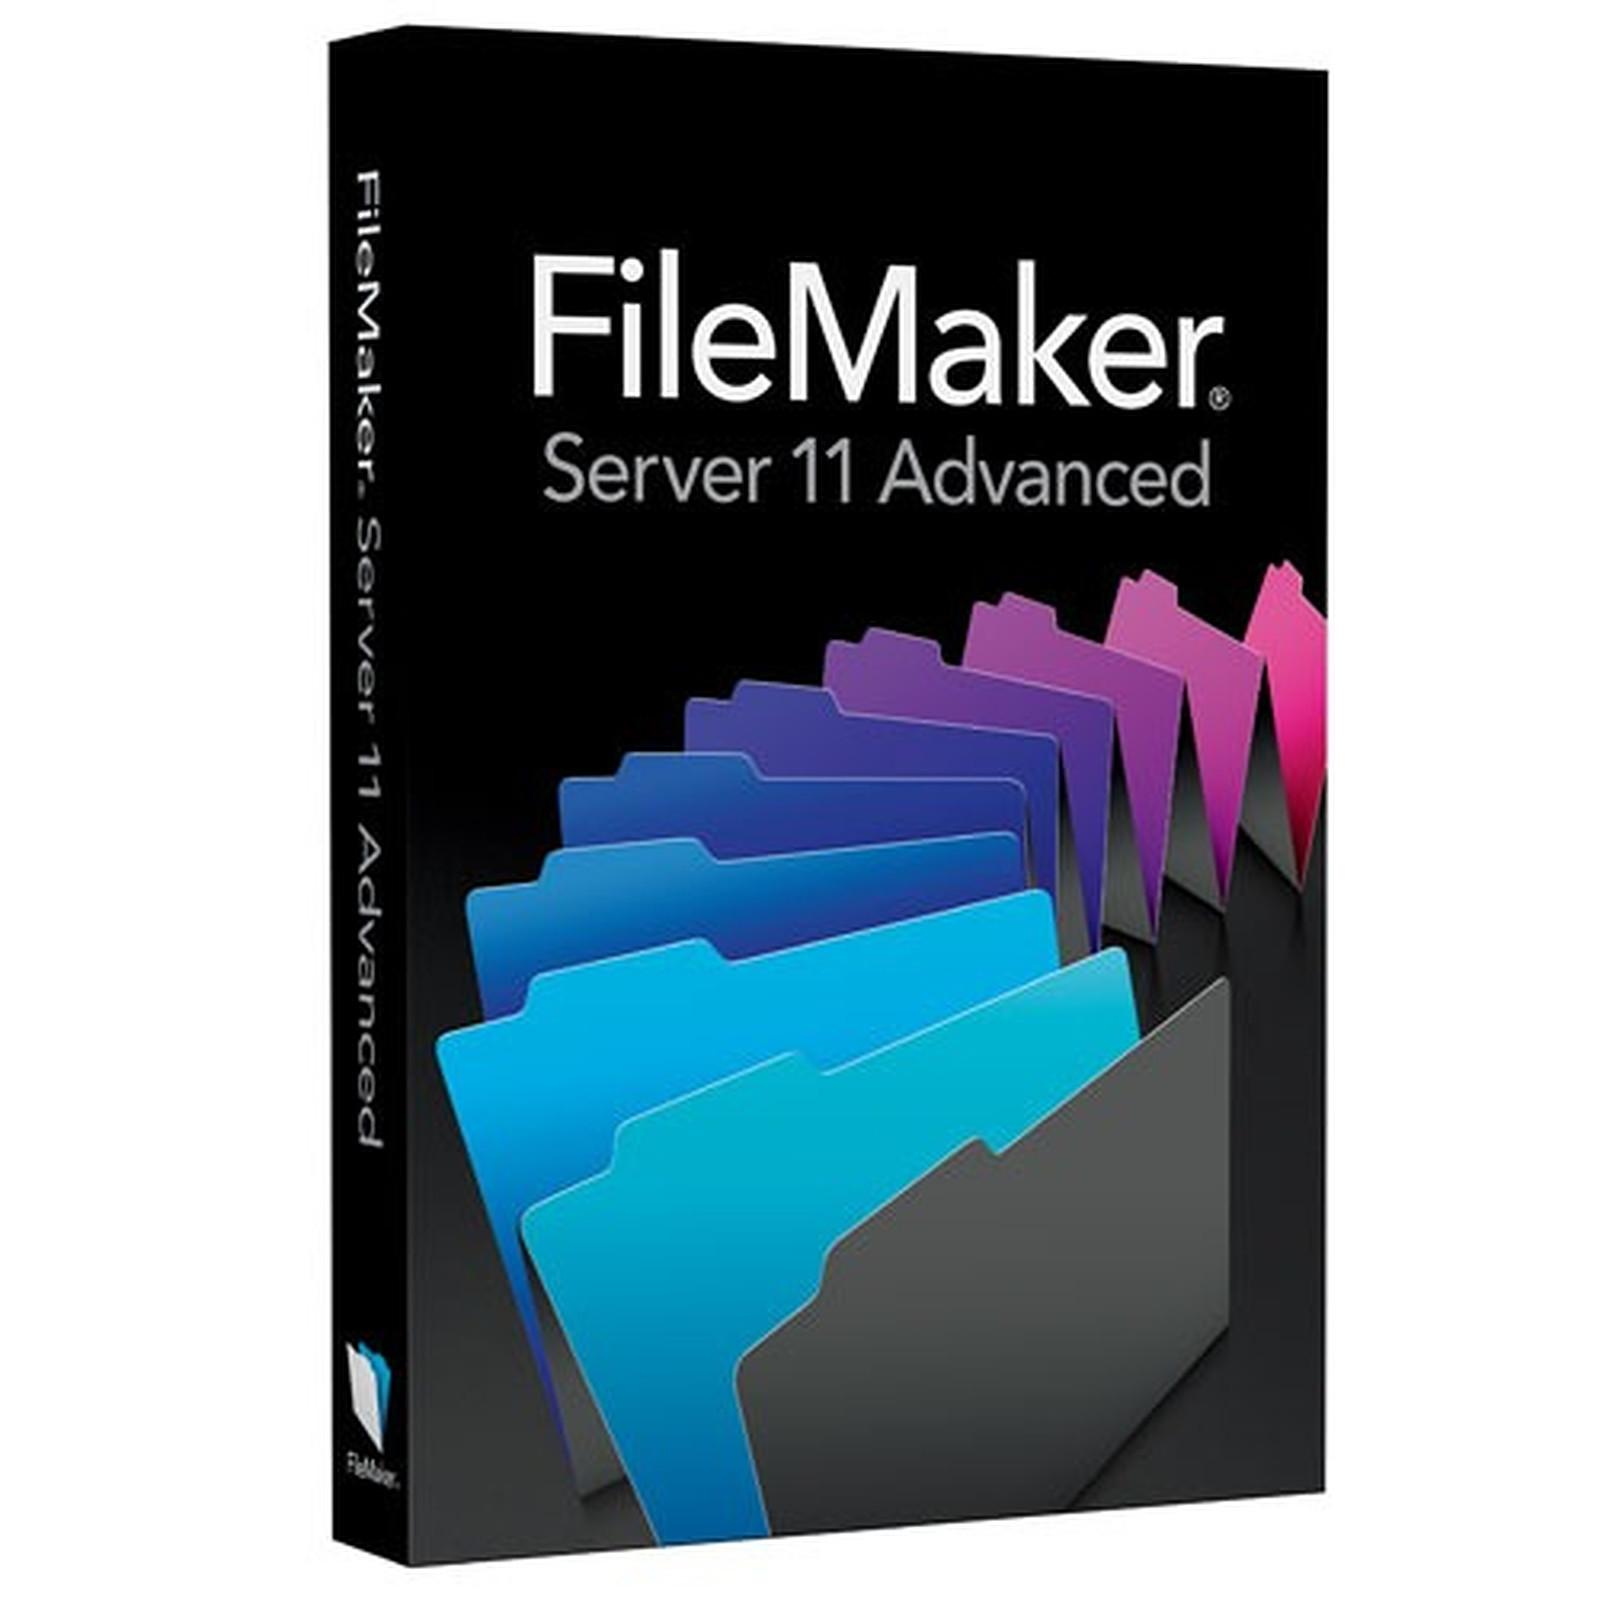 Filemaker Server 11 Advanced - Mise à jour